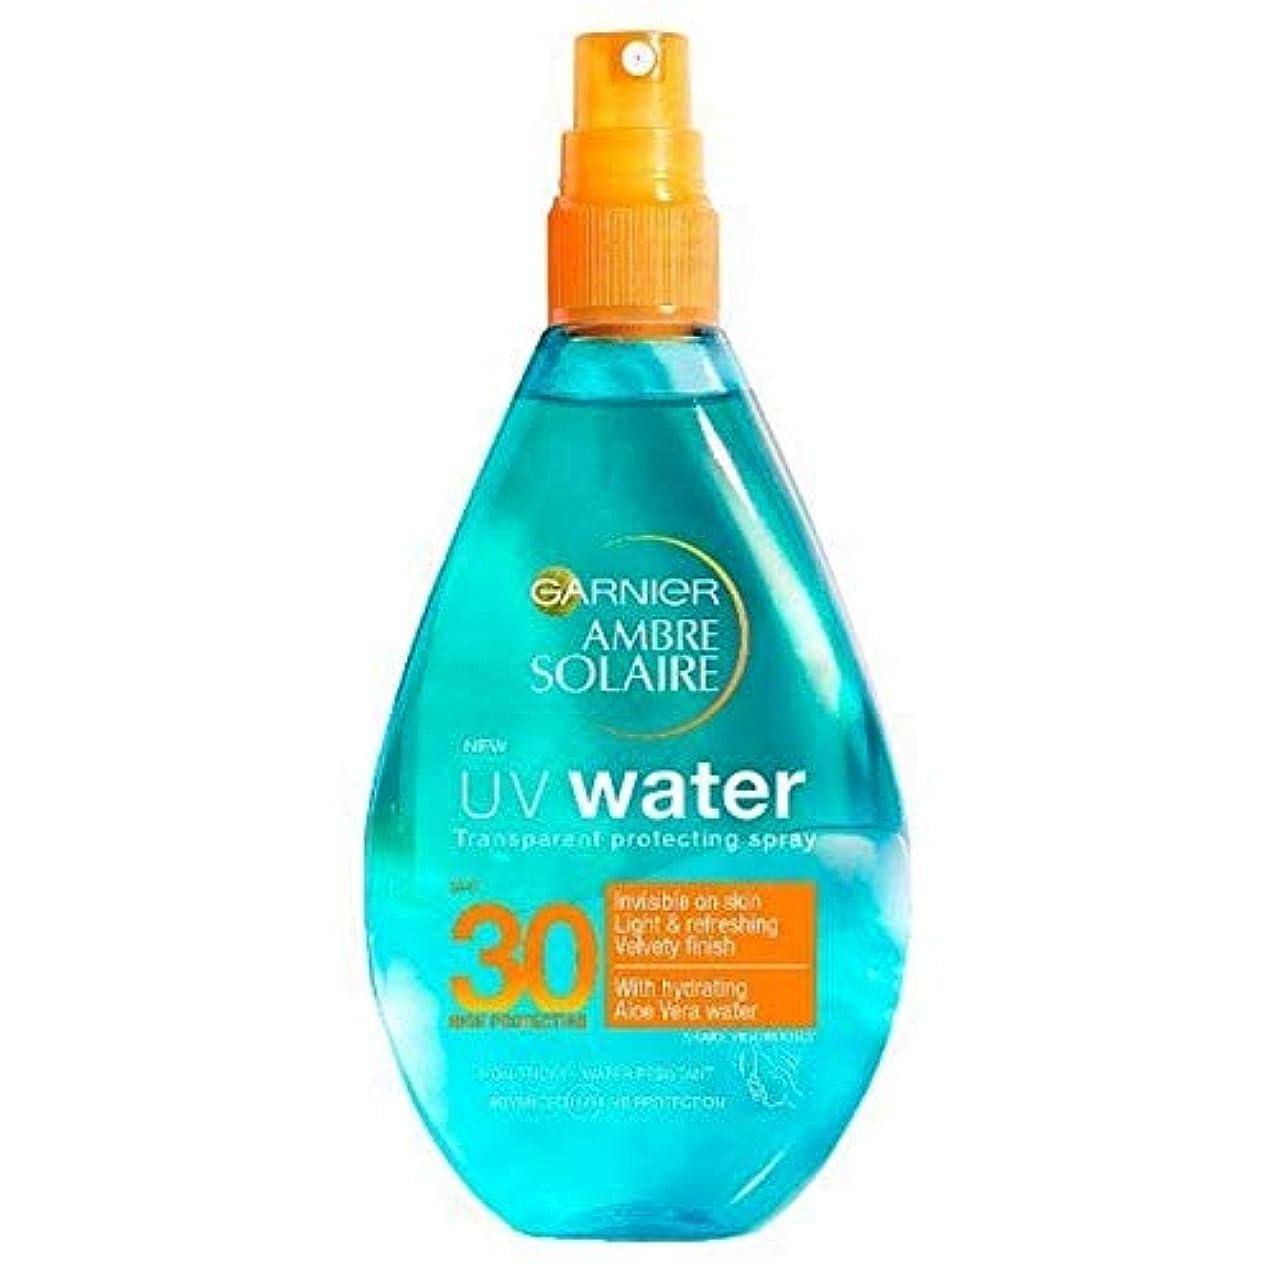 かわす美しいそこから[Garnier ] アンブレSolaire紫外線水明確な日クリームスプレーSpf30 150ミリリットル - Ambre Solaire UV Water Clear Sun Cream Spray SPF30 150ml...